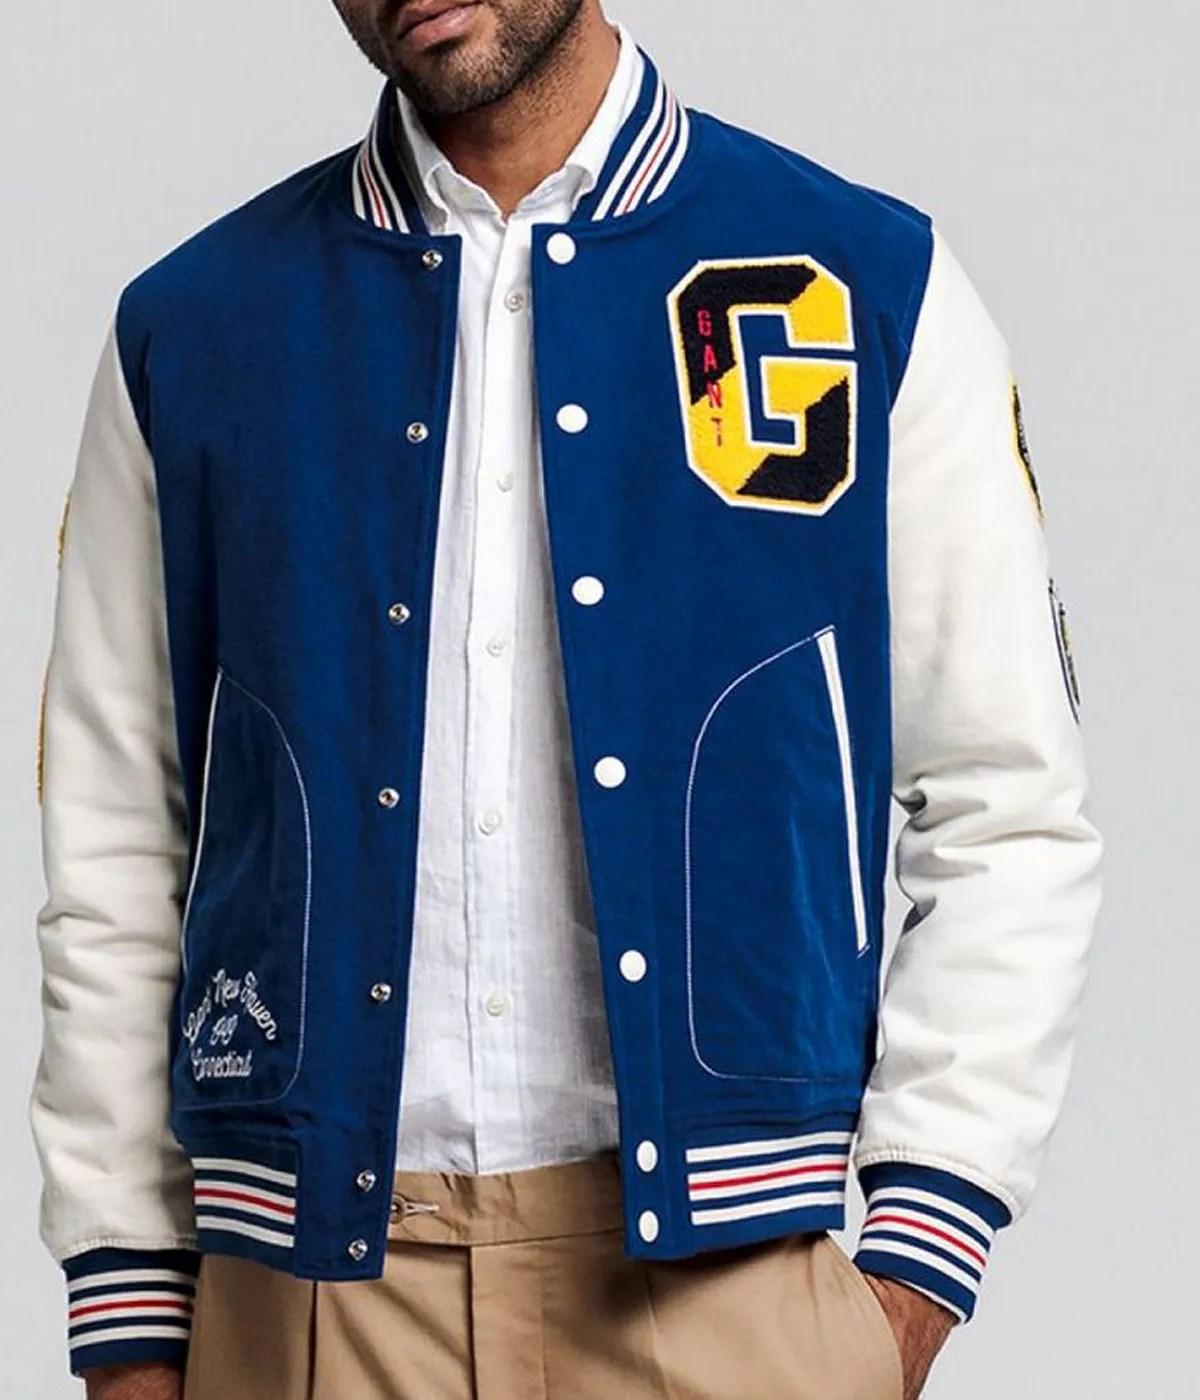 gant-spring-varsity-jacket